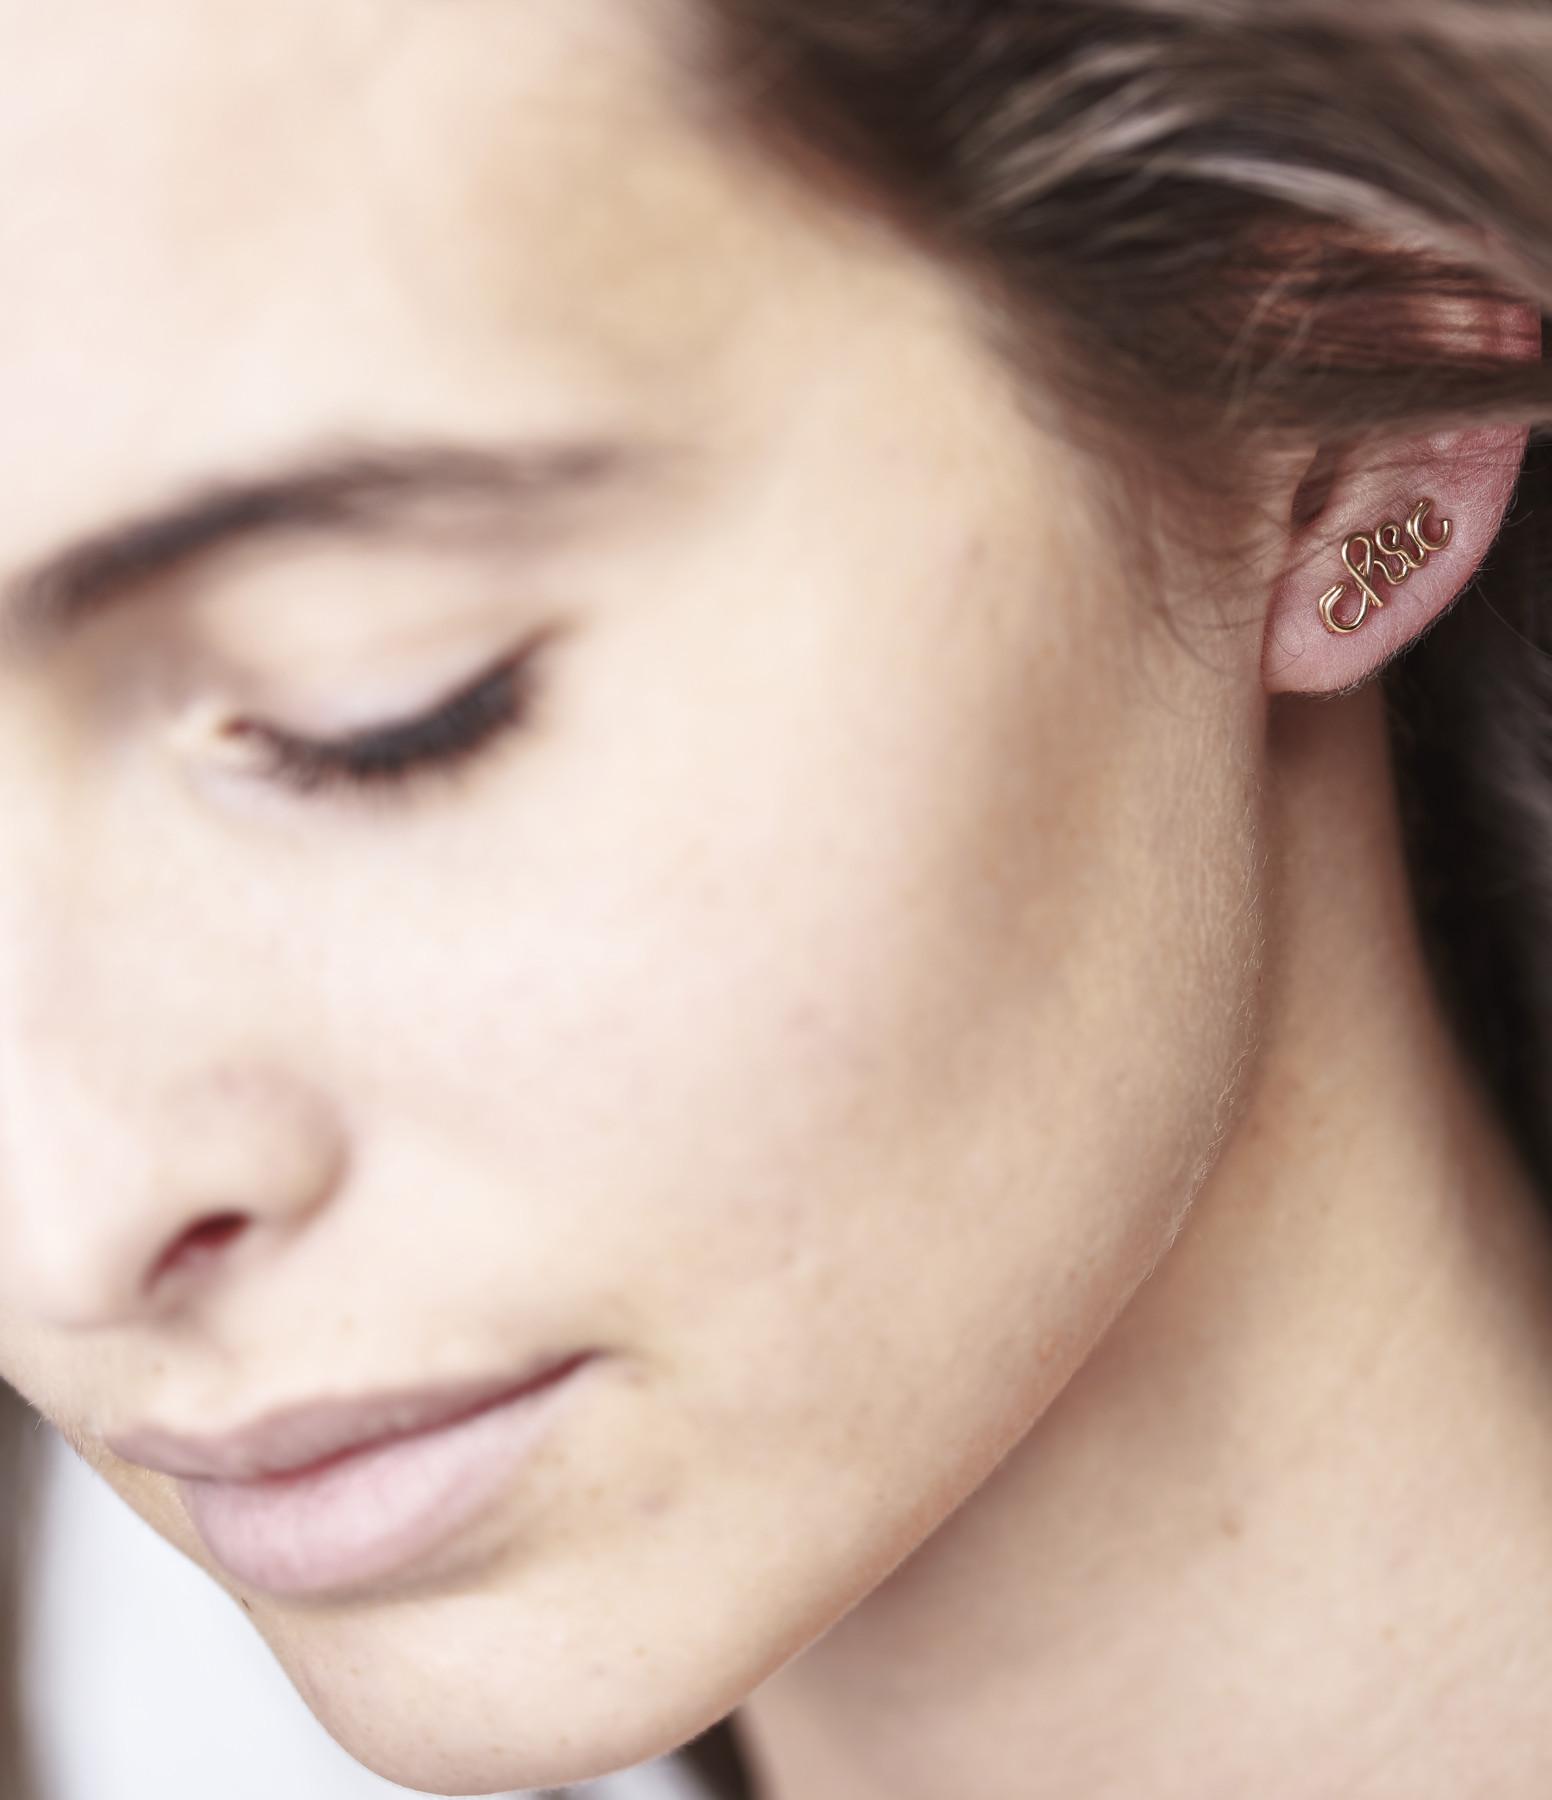 ATELIER PAULIN - Boucle d'oreille Chic Gold Filled (vendue à l'unité)